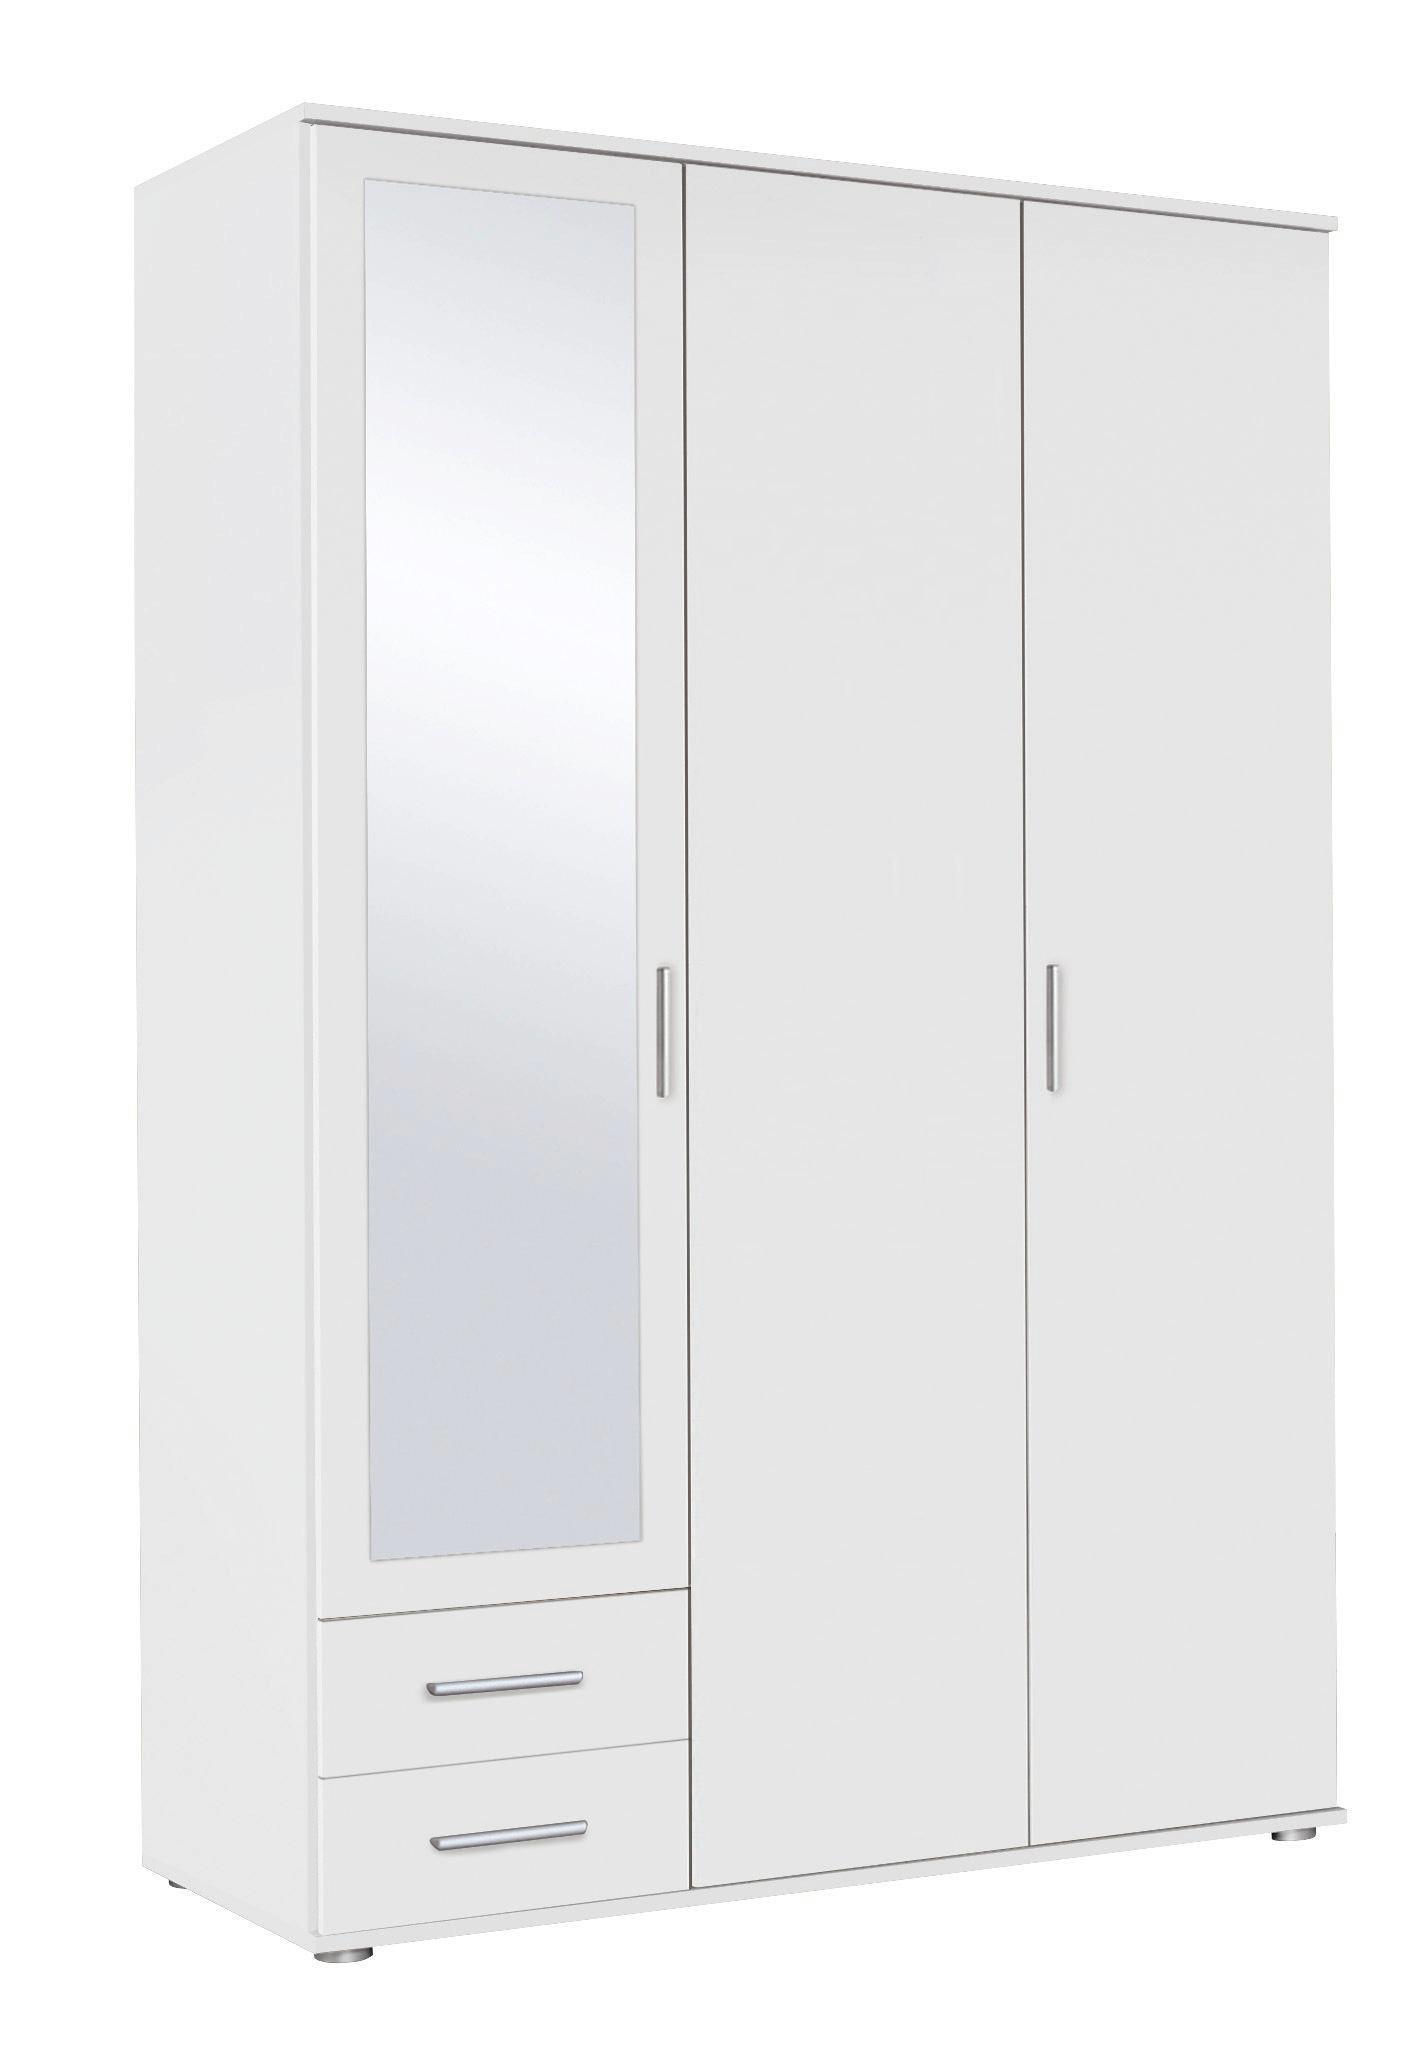 Skříň Rasant - bílá, dřevěný materiál (127/188/52cm)